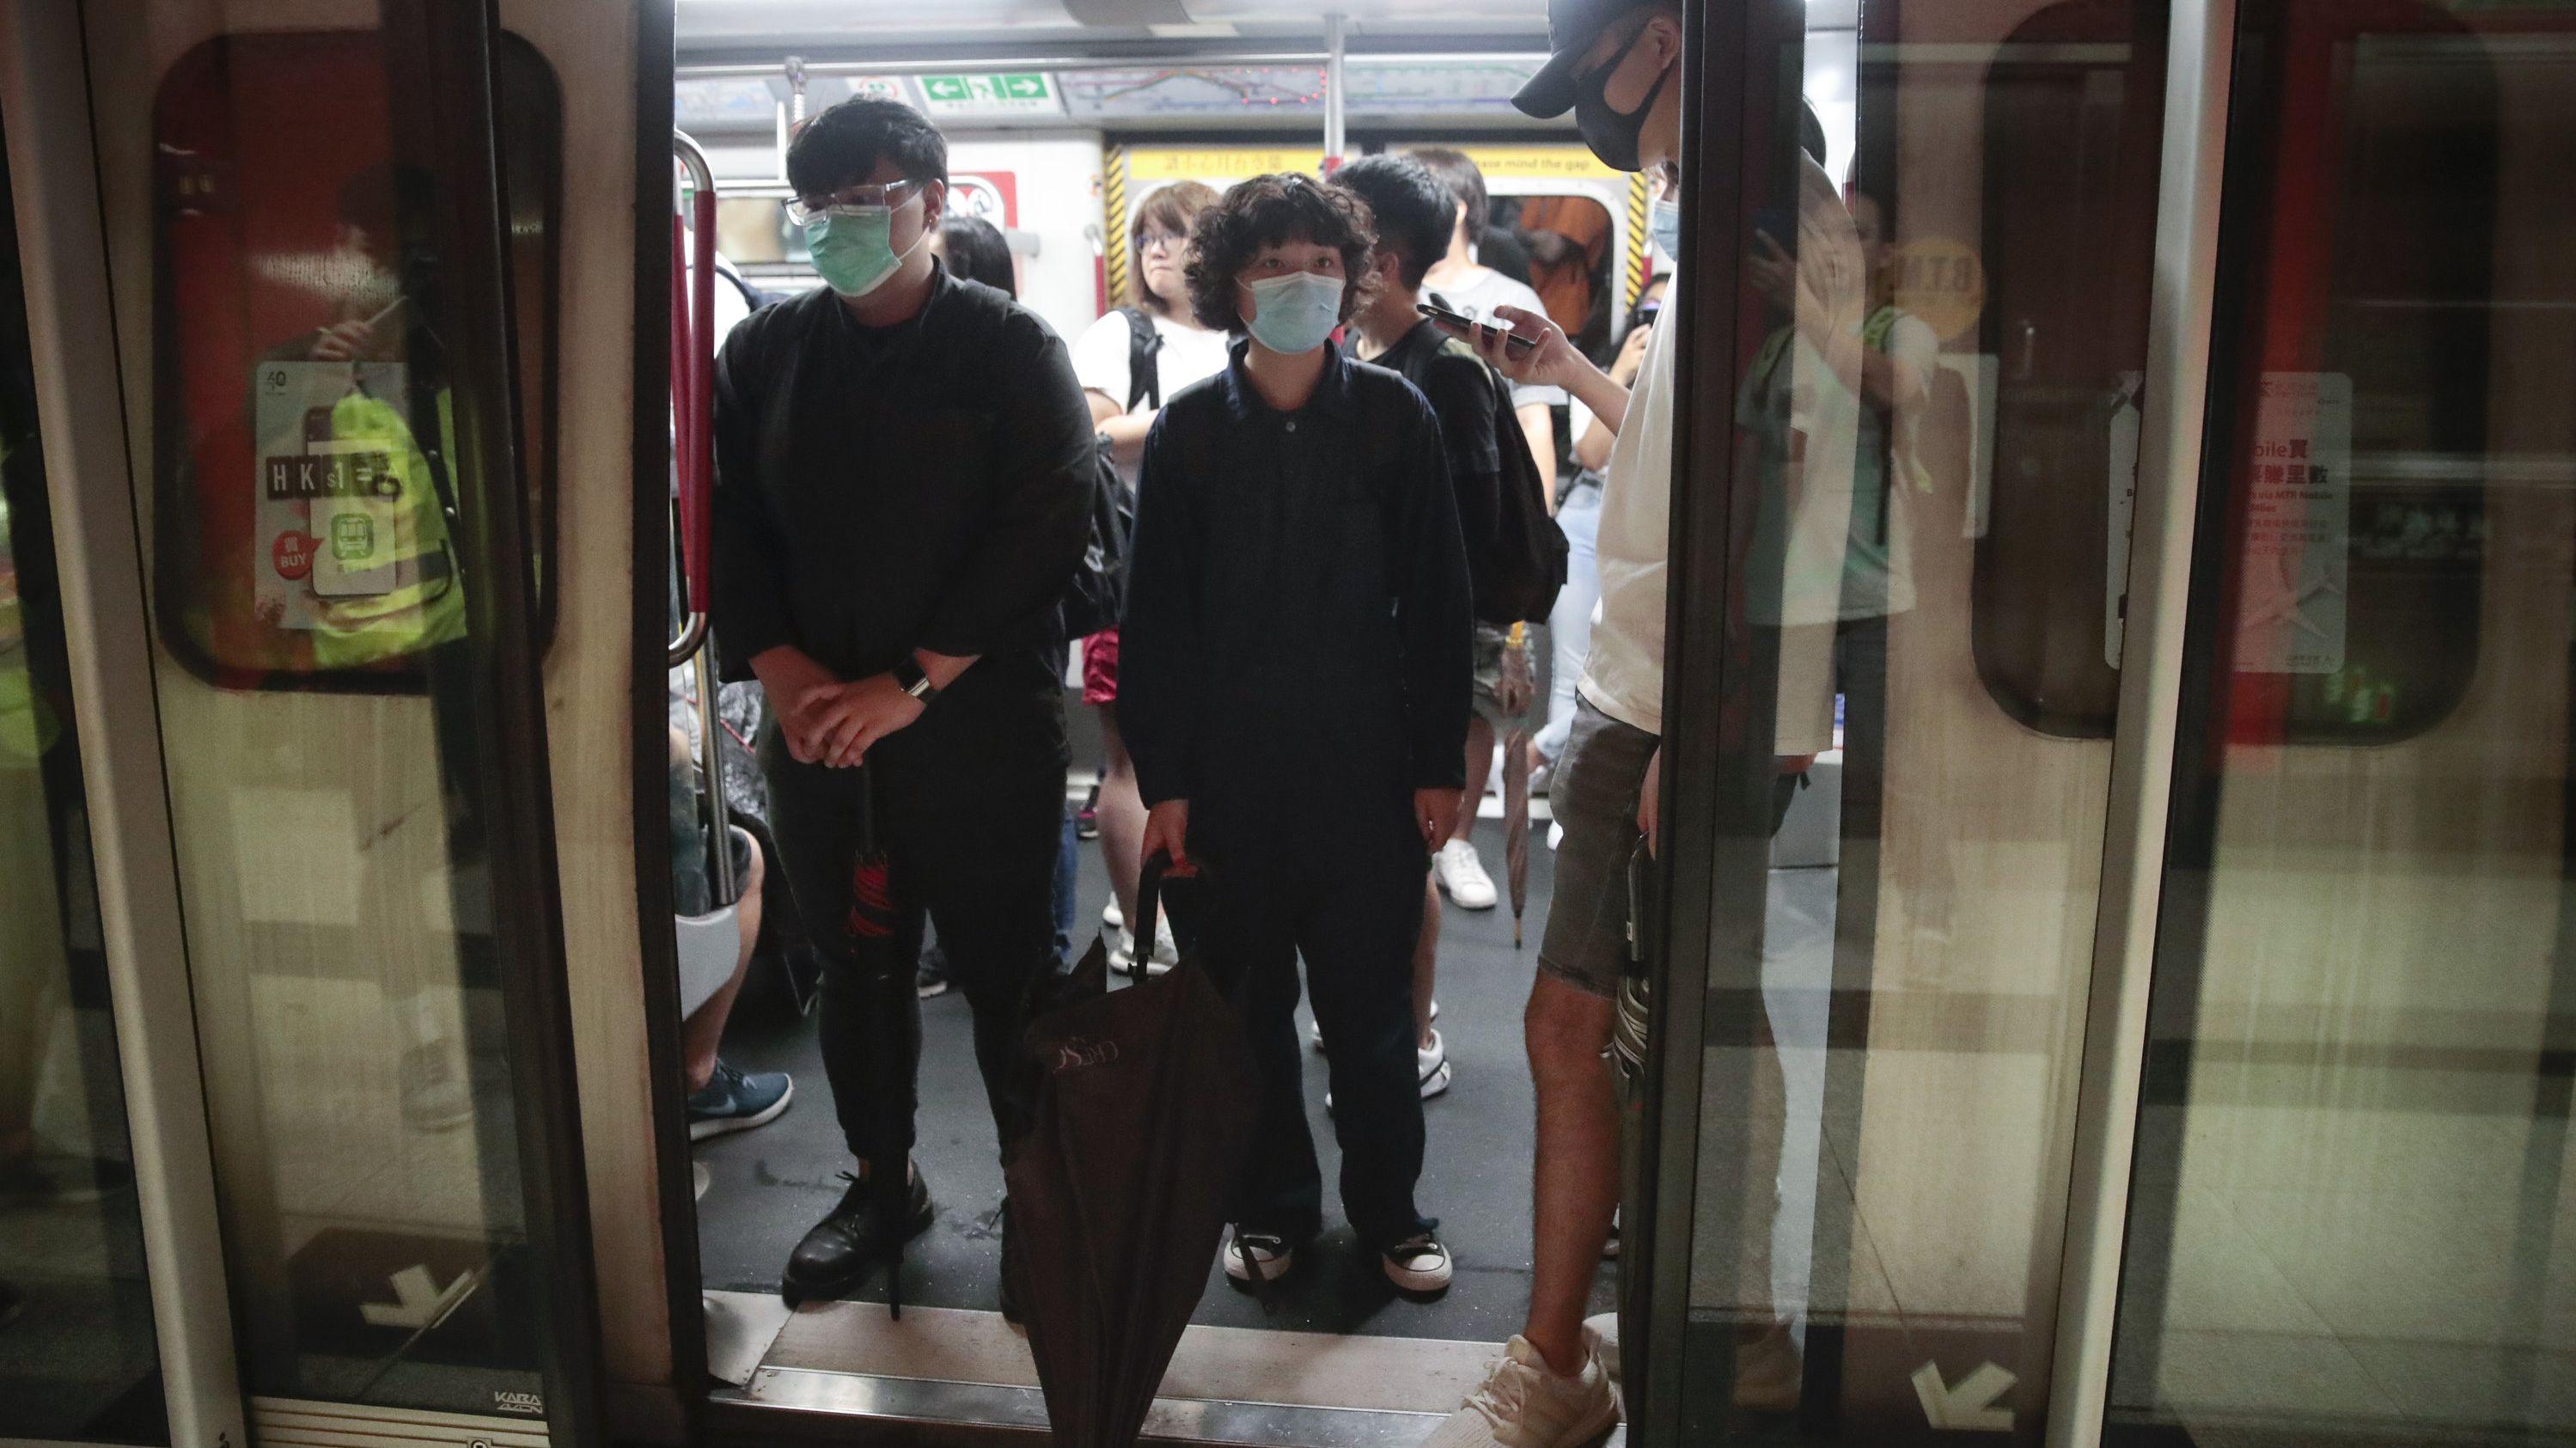 Hongkong: Demonstranten mit Masken besetzen einen Zug in einer U-Bahn-Station